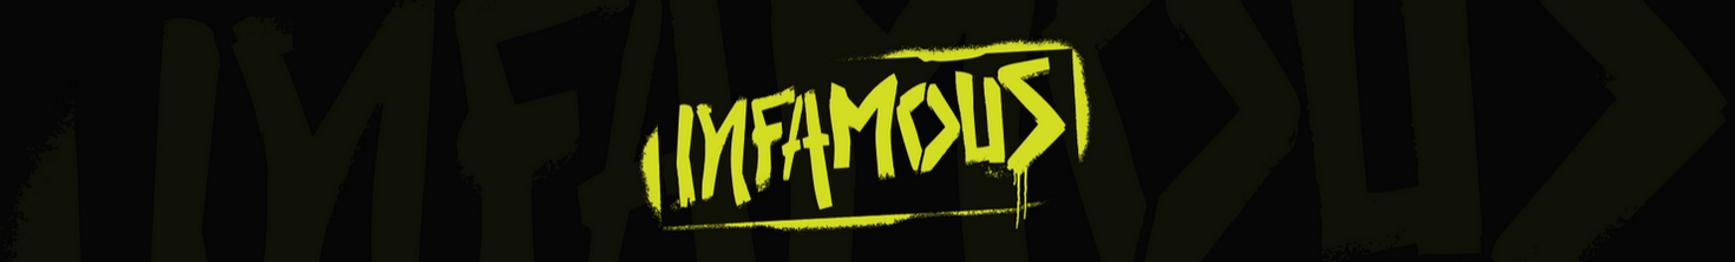 LogoBar_Infamous.png